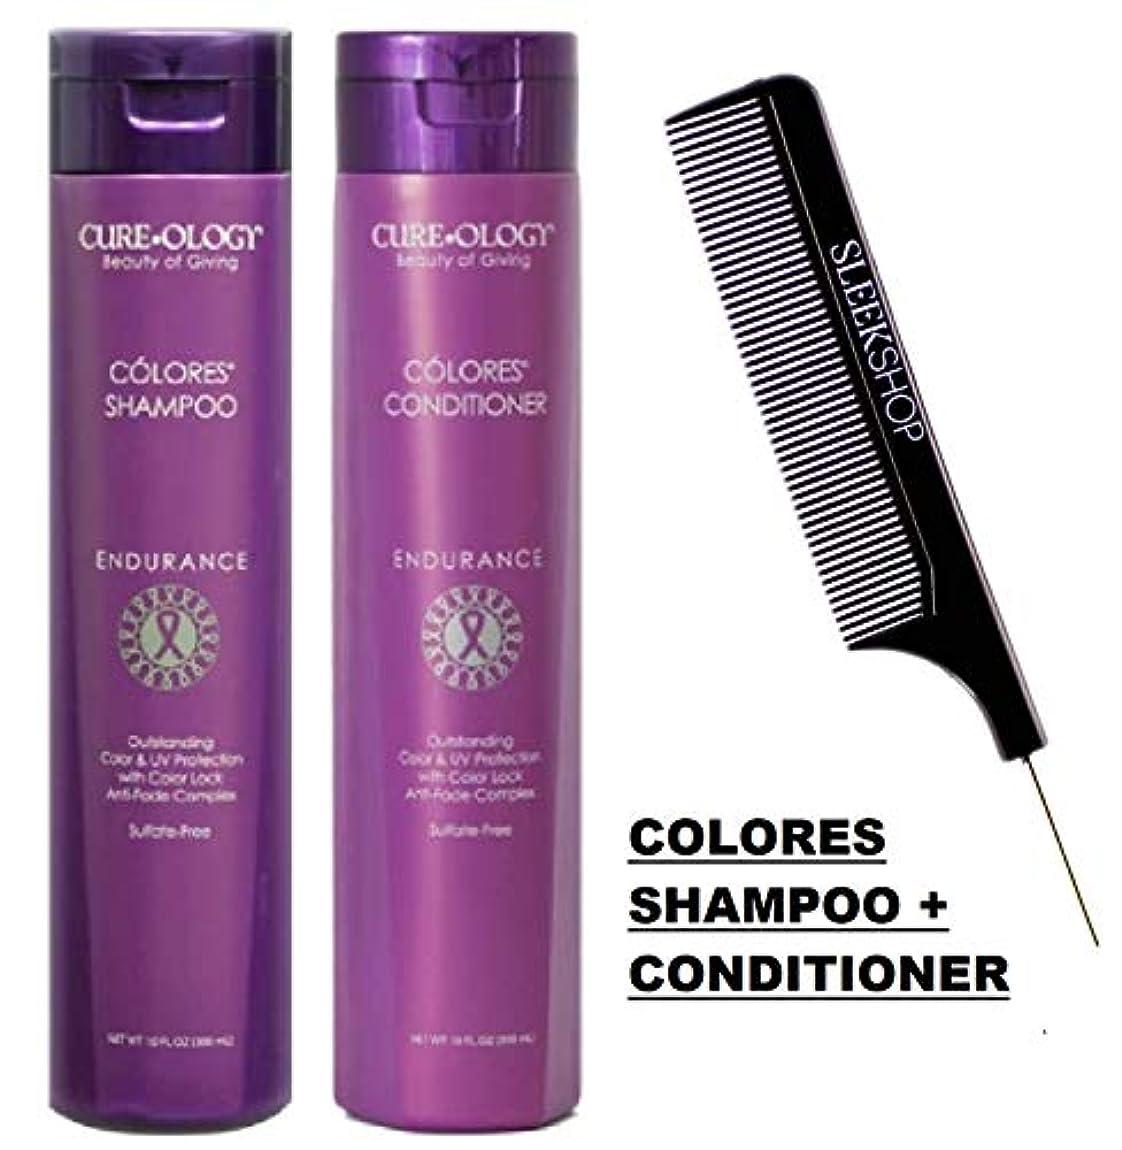 悔い改めステープルお風呂を持っているCureology Beauty 色esシャンプー&アンチフェード髪の式の色の保護、色のロック、(なめらかな櫛で)コンディショナー耐久デュオセット 10オンス/ 300ミリリットル - デュオ キット